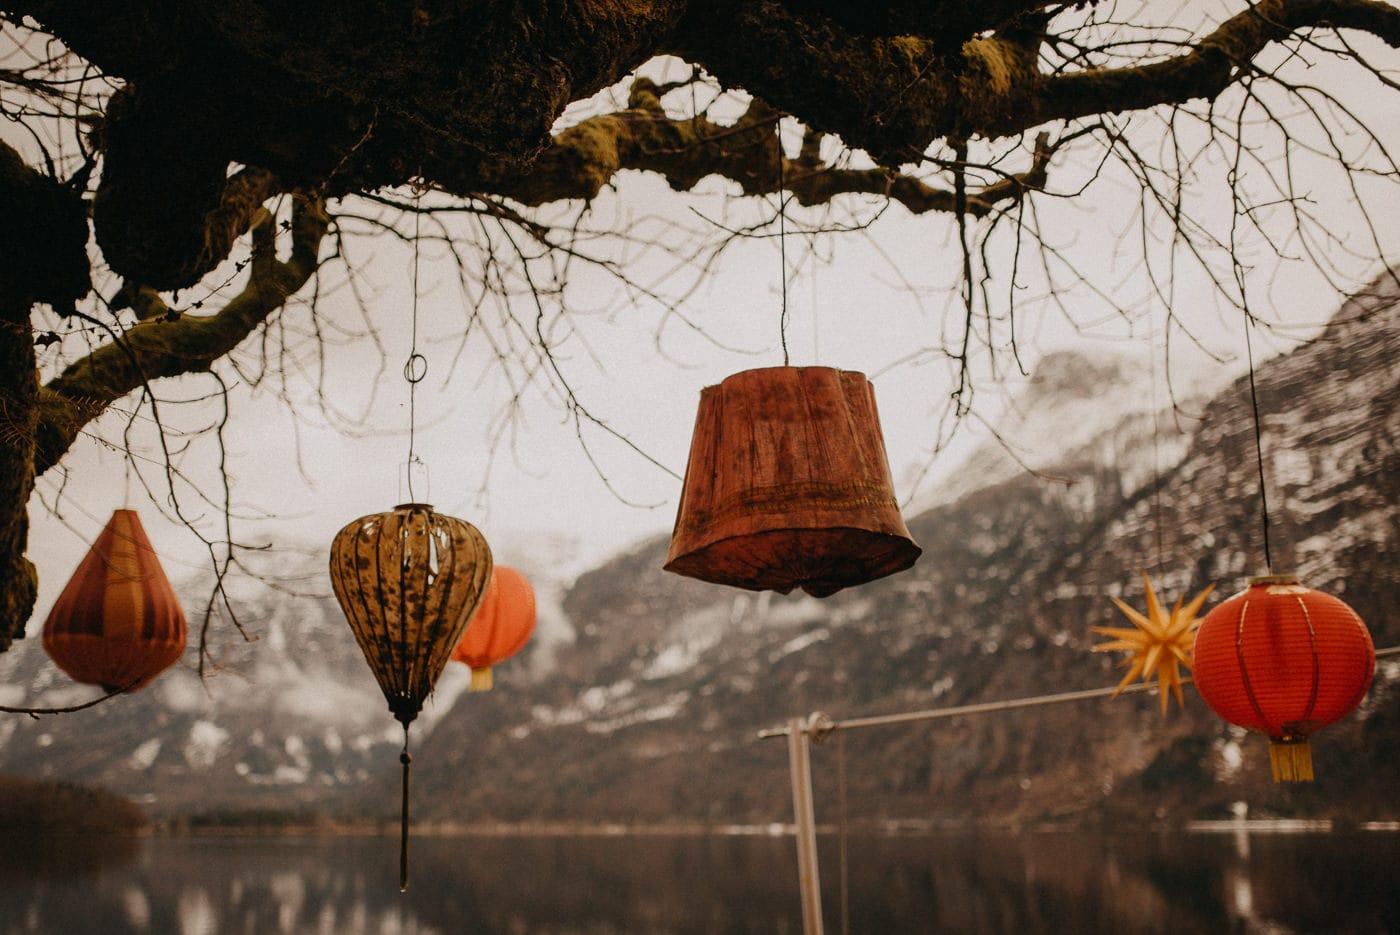 hochzeitsfotograf hallstatt wedding photographer austria 031 - Hallstatt Engagement Session & Secret Proposal